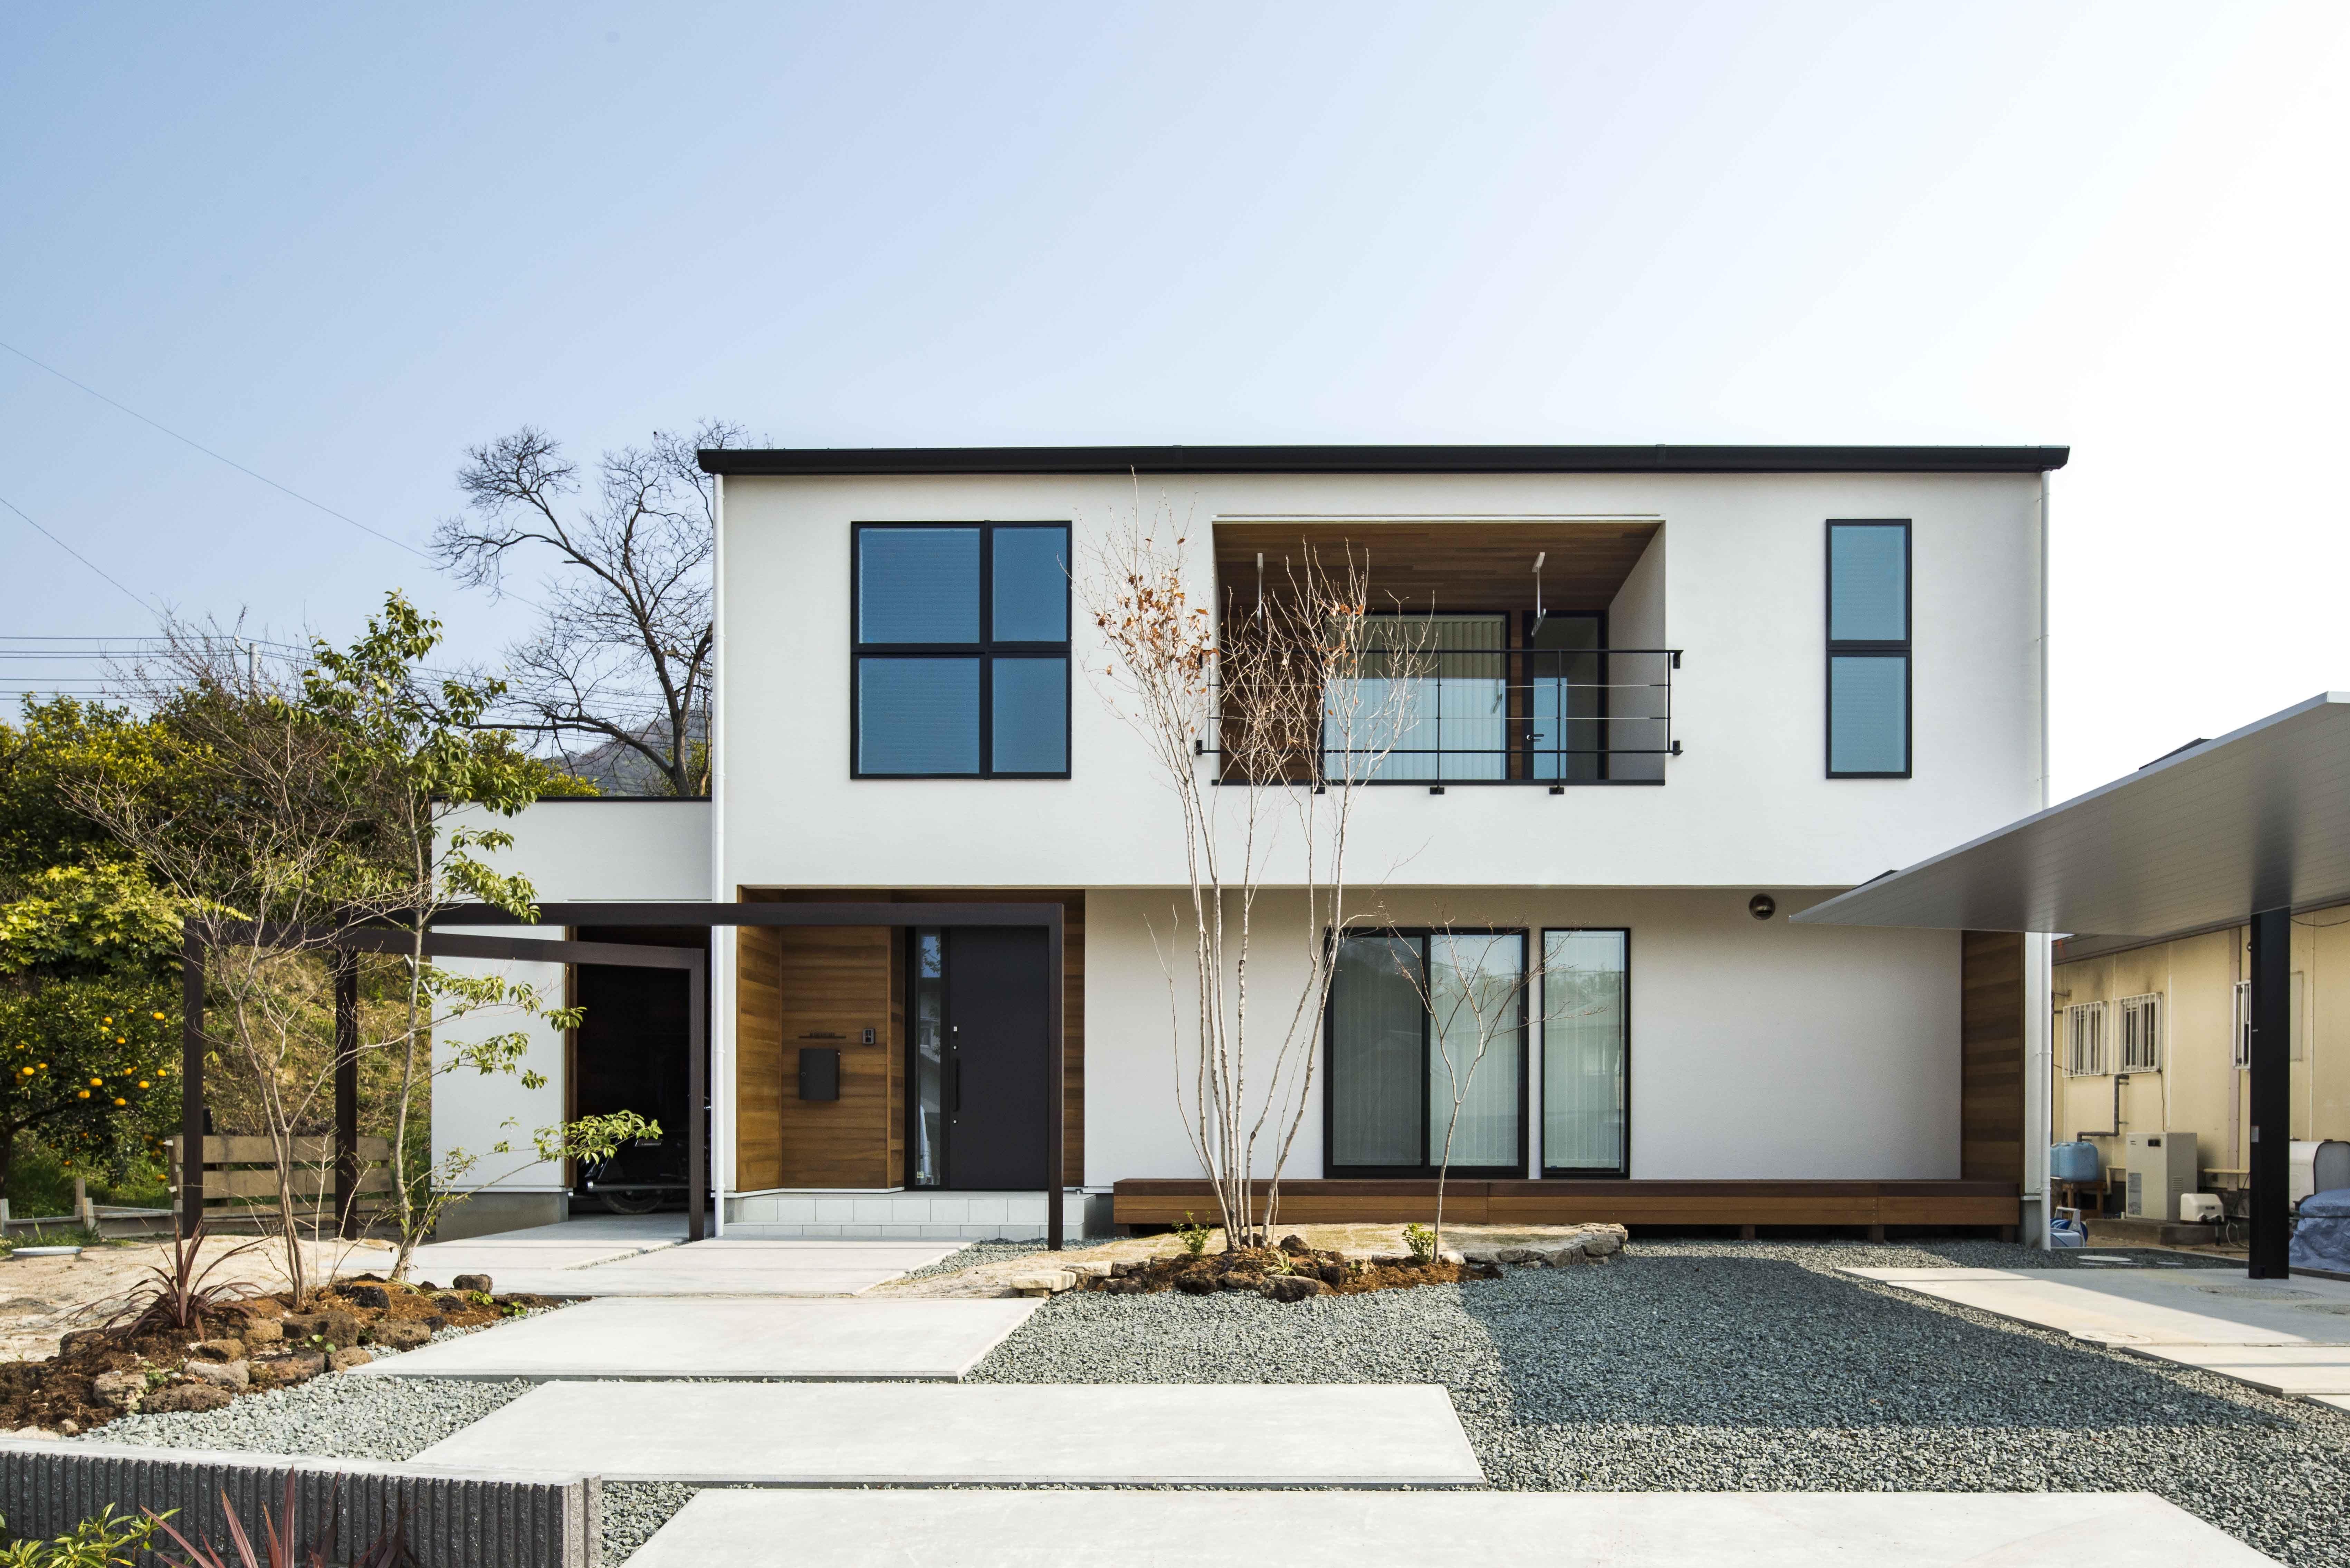 バイクガレージのある白い家 加度商の写真集 広島県尾道市 注文住宅